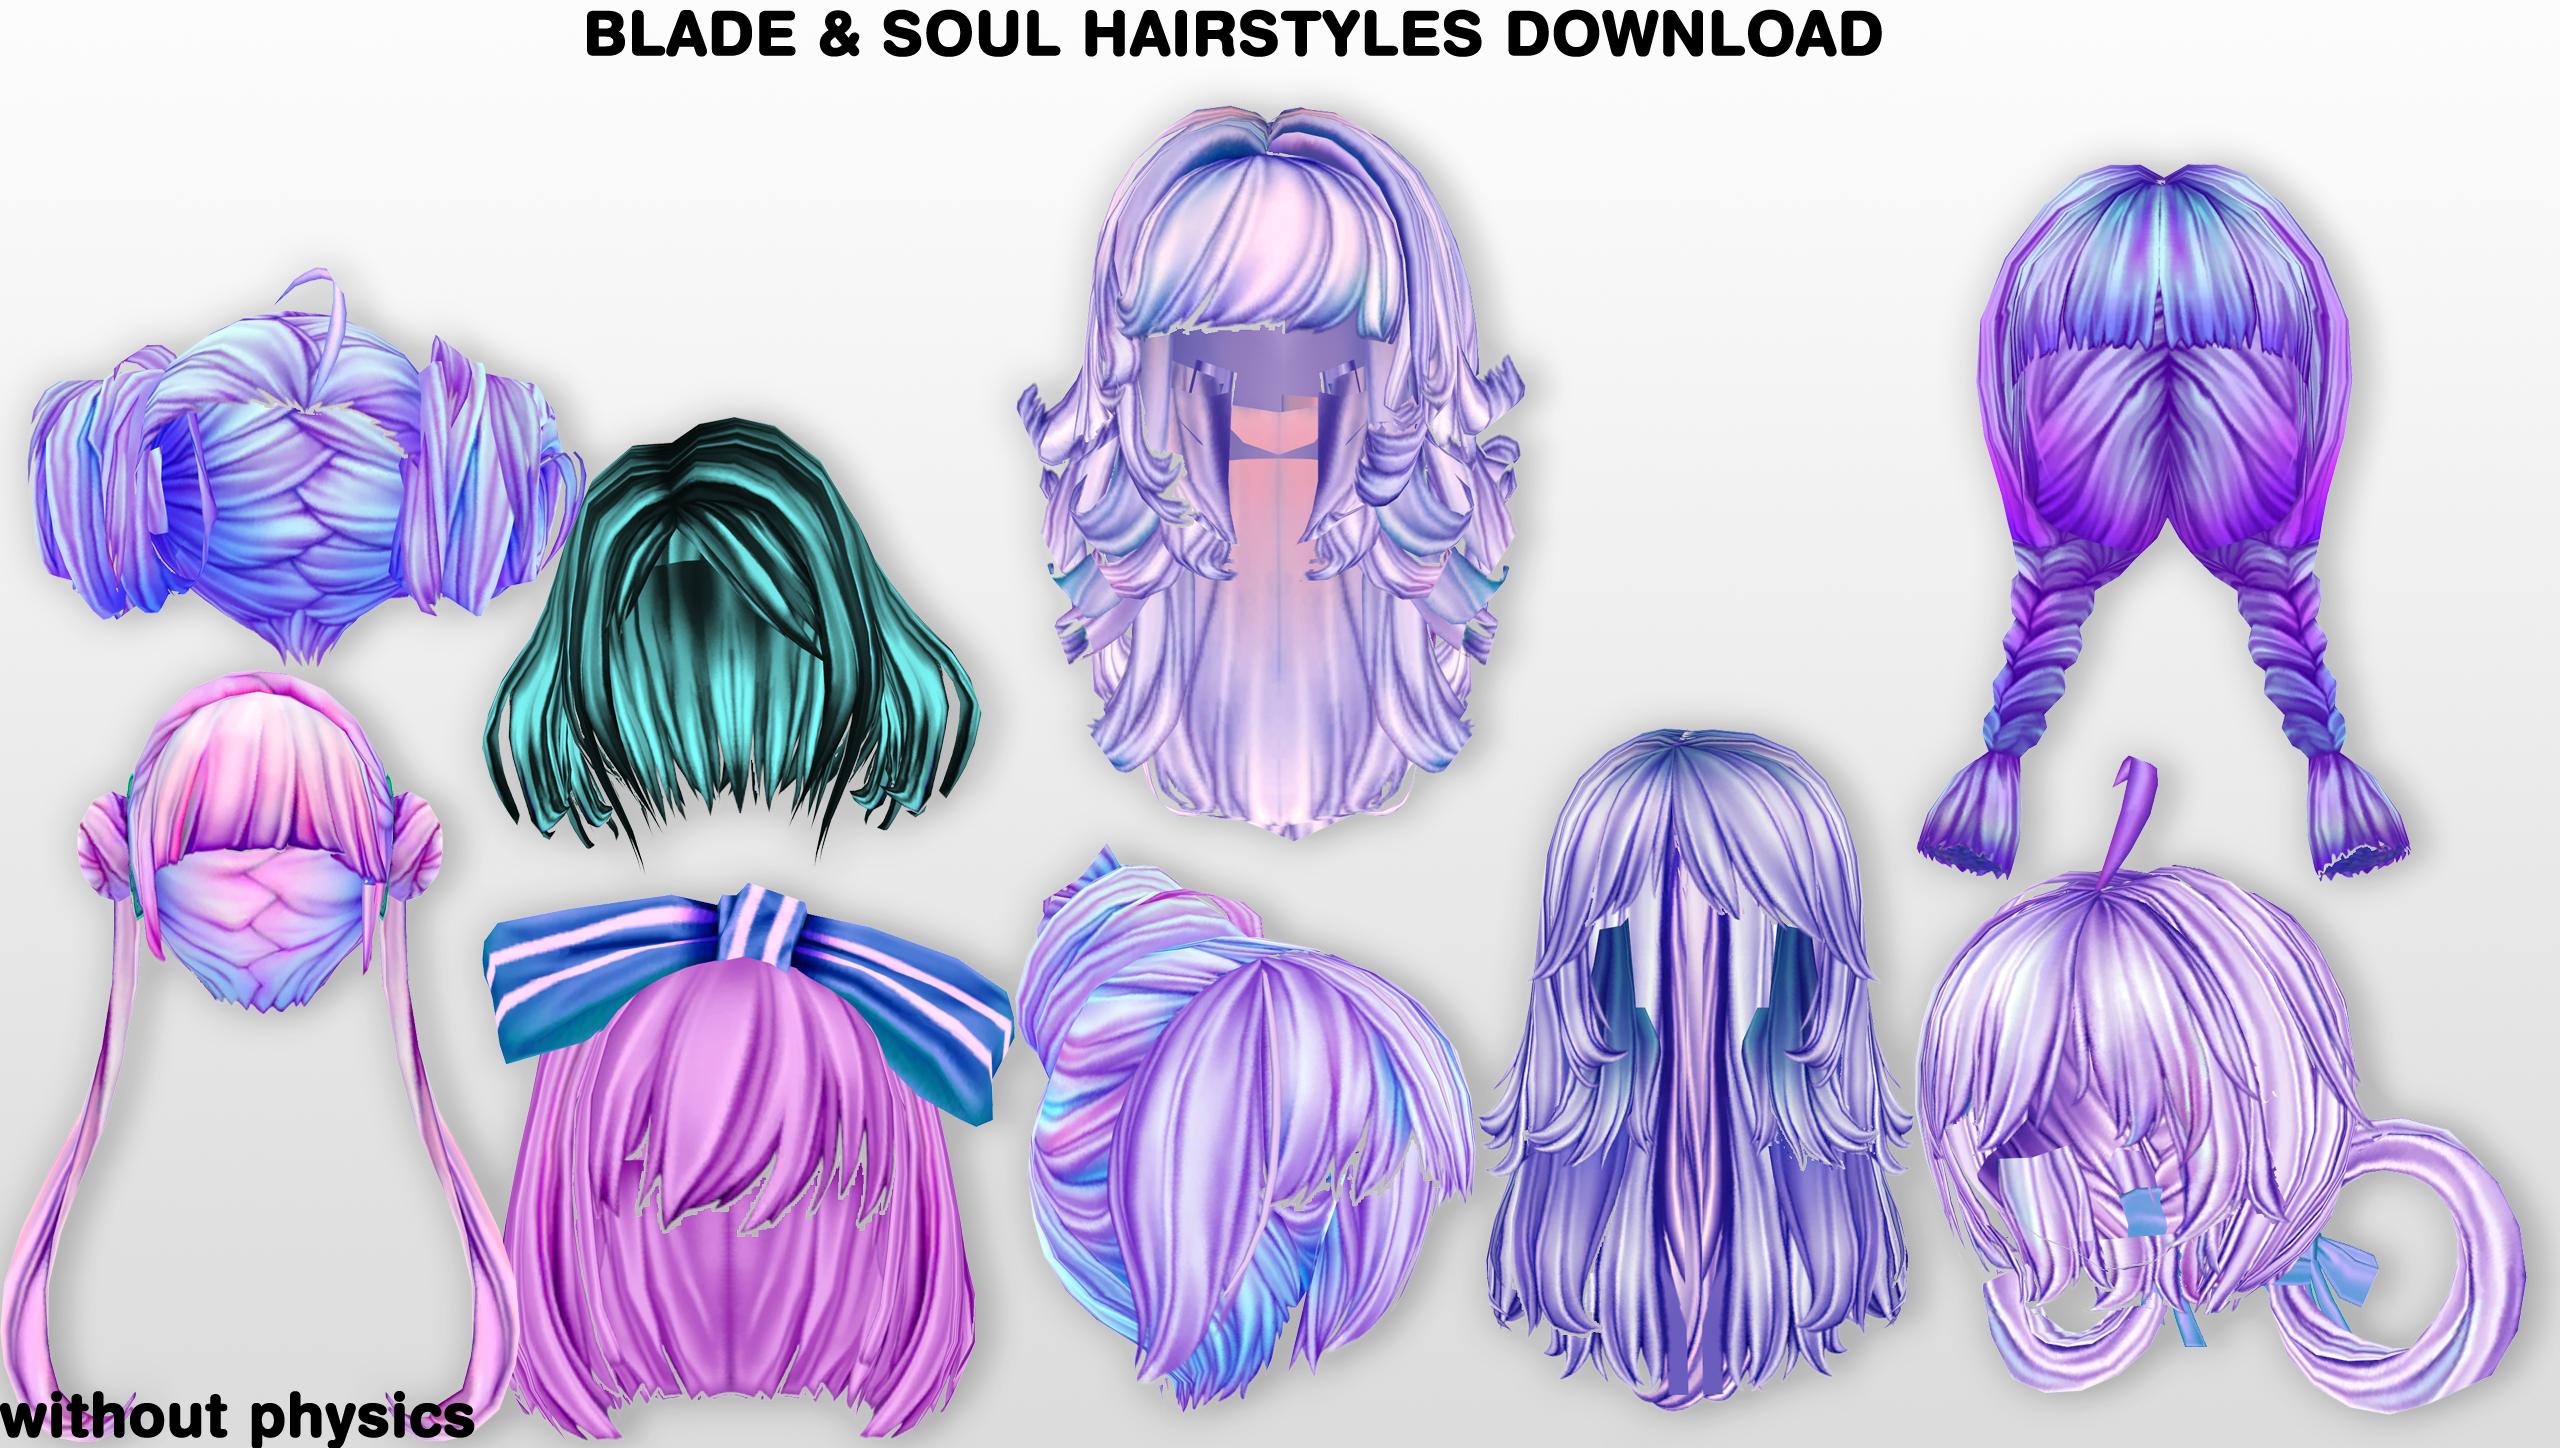 MMD BnS Hairstyles DL By UnluckyCandyFox On DeviantArt